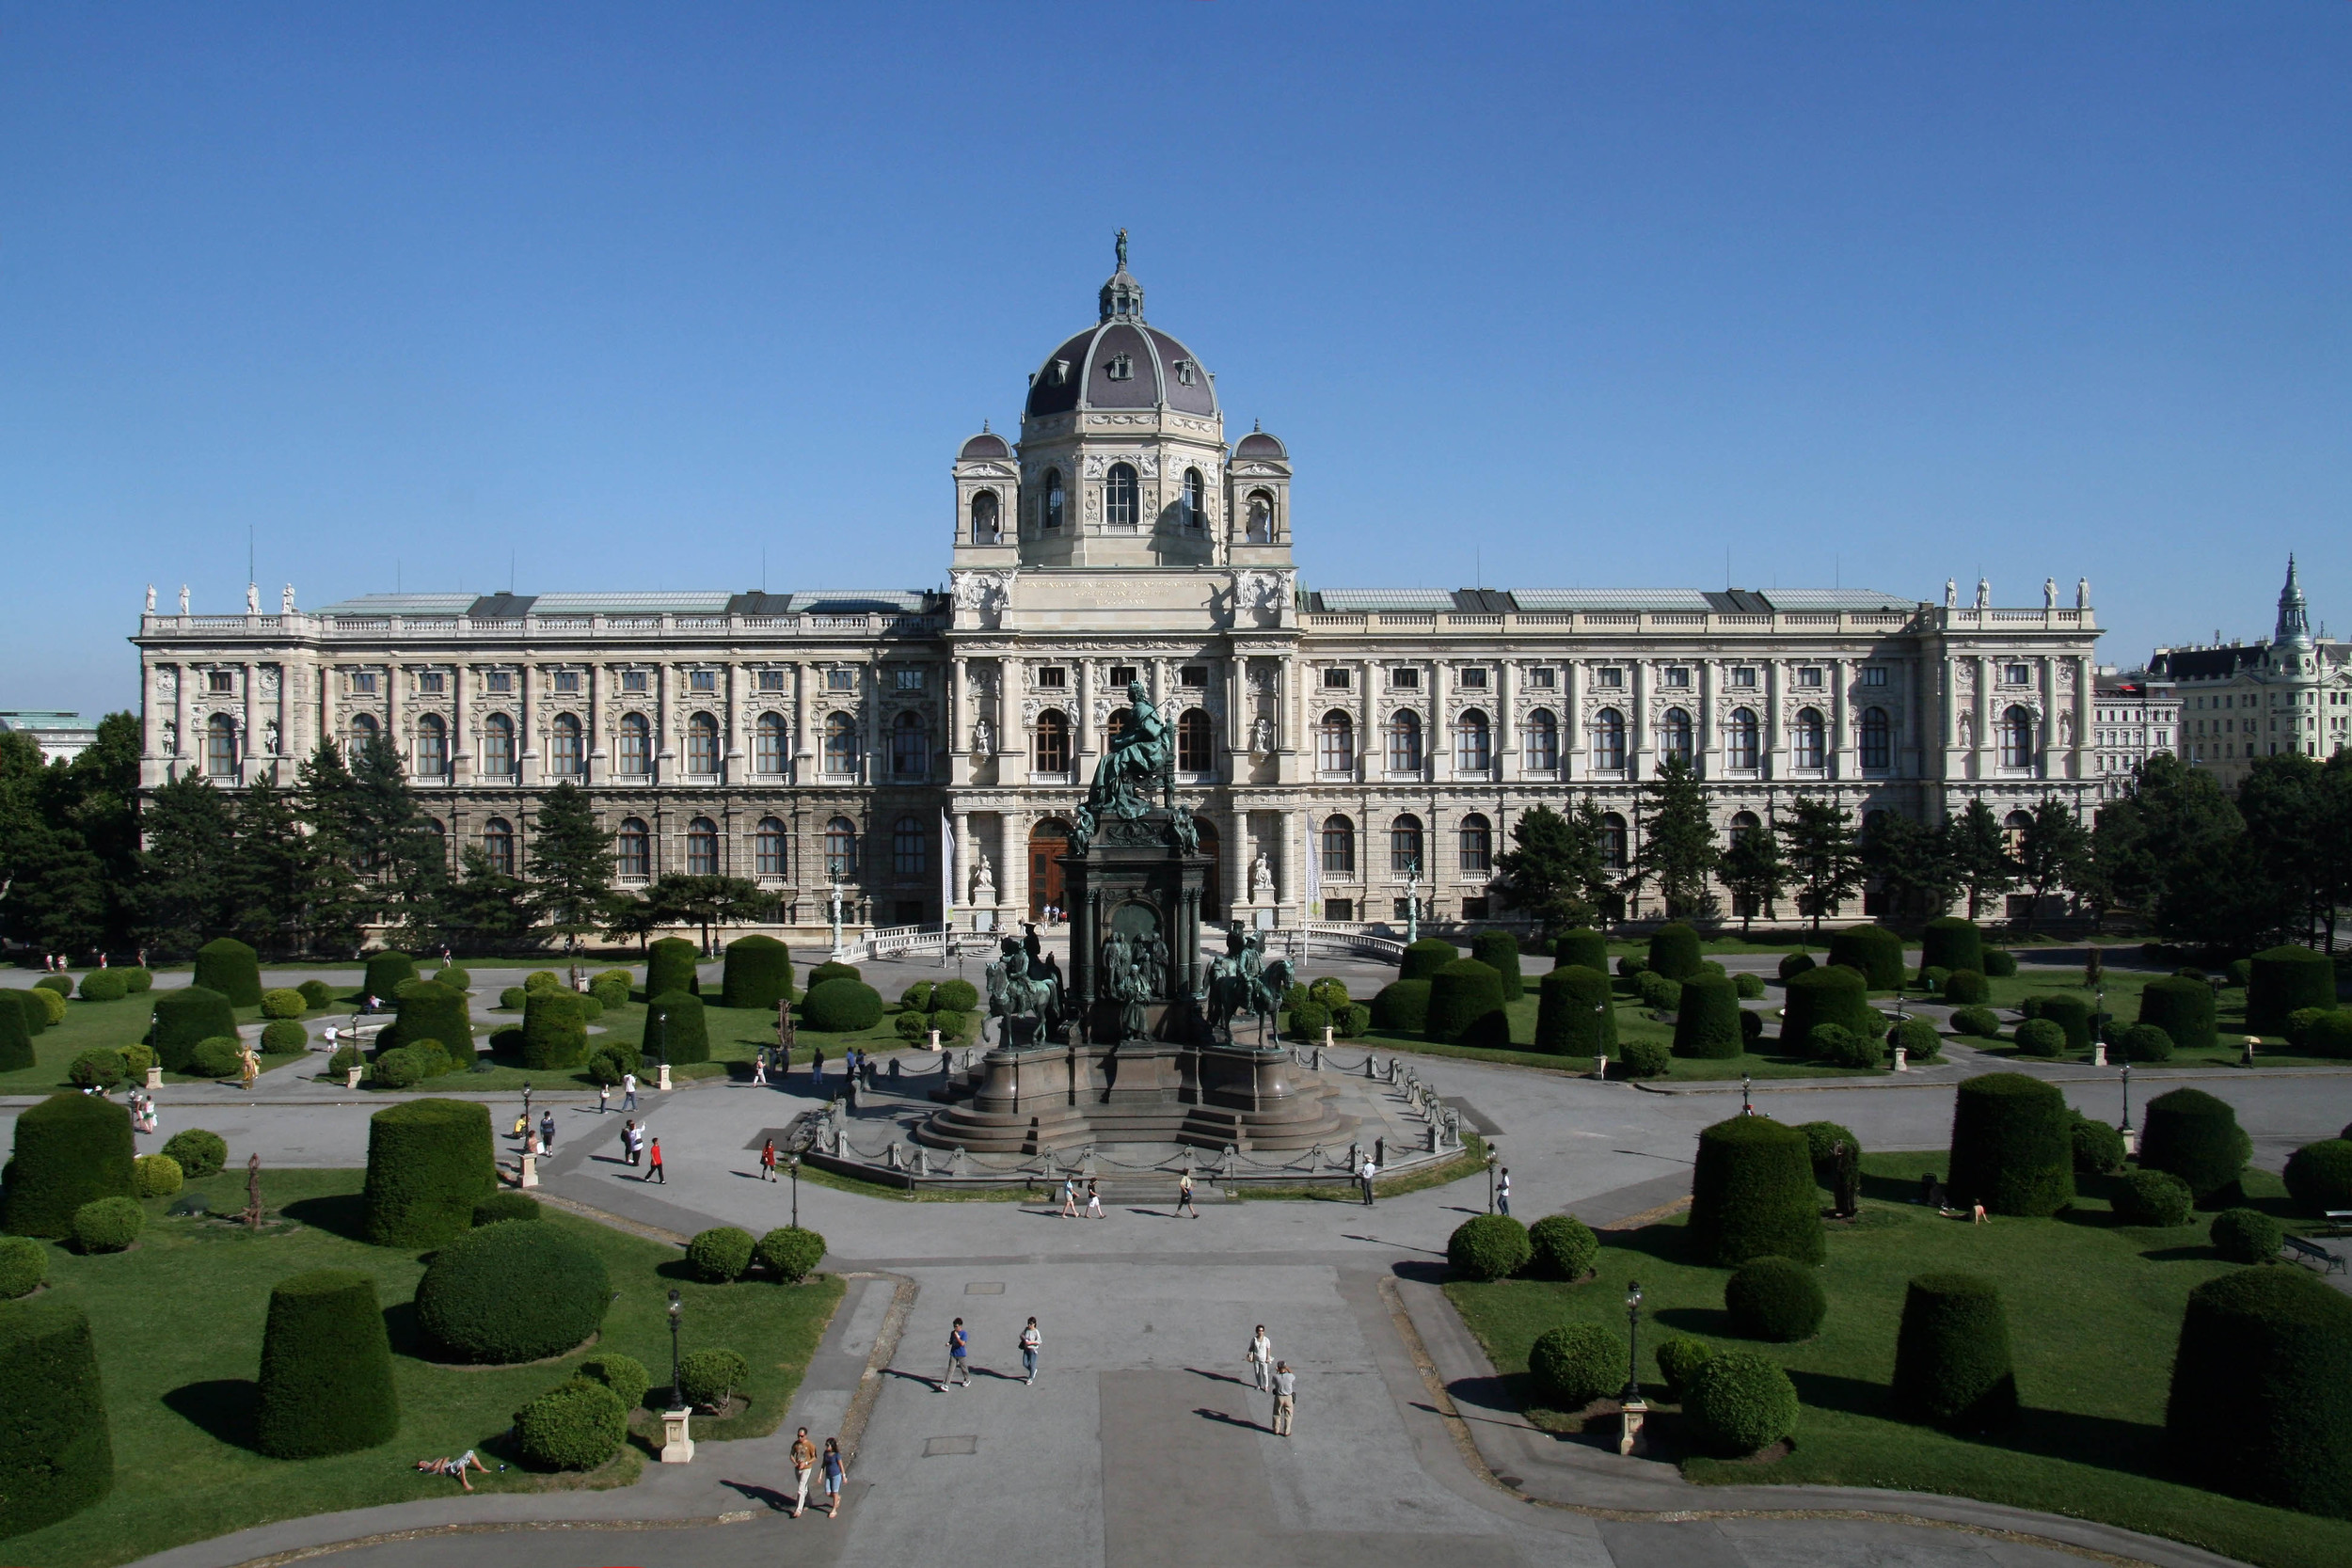 Maria-Theresien-Platz_Kunsthistorisches_Museum_Wien_2010.jpg